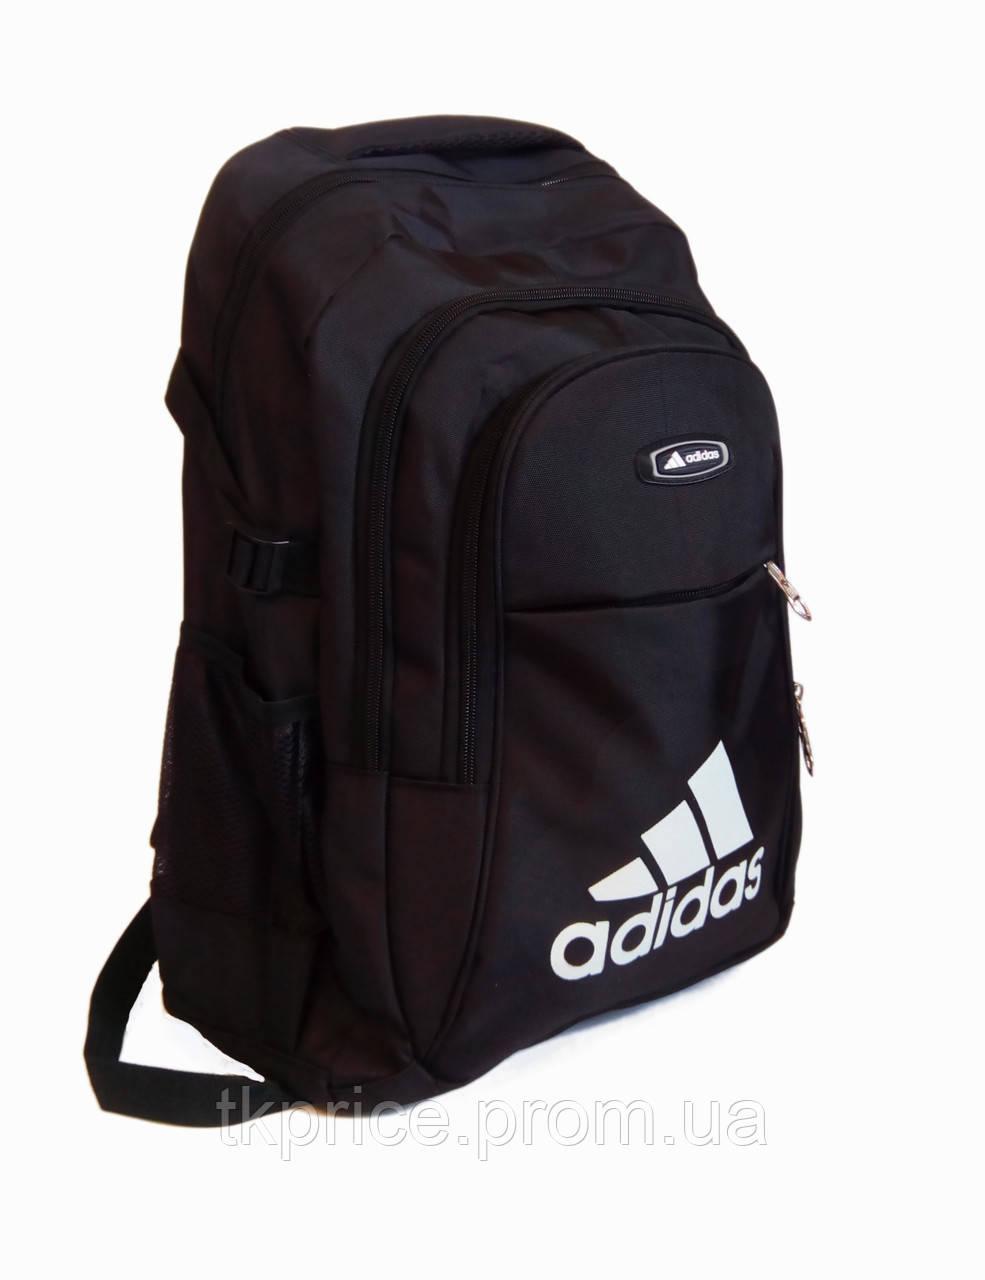 a8f3507bf7bf Спортивный рюкзак для школы и прогулок качественная реплика Adidas черный -  Интернет-магазин